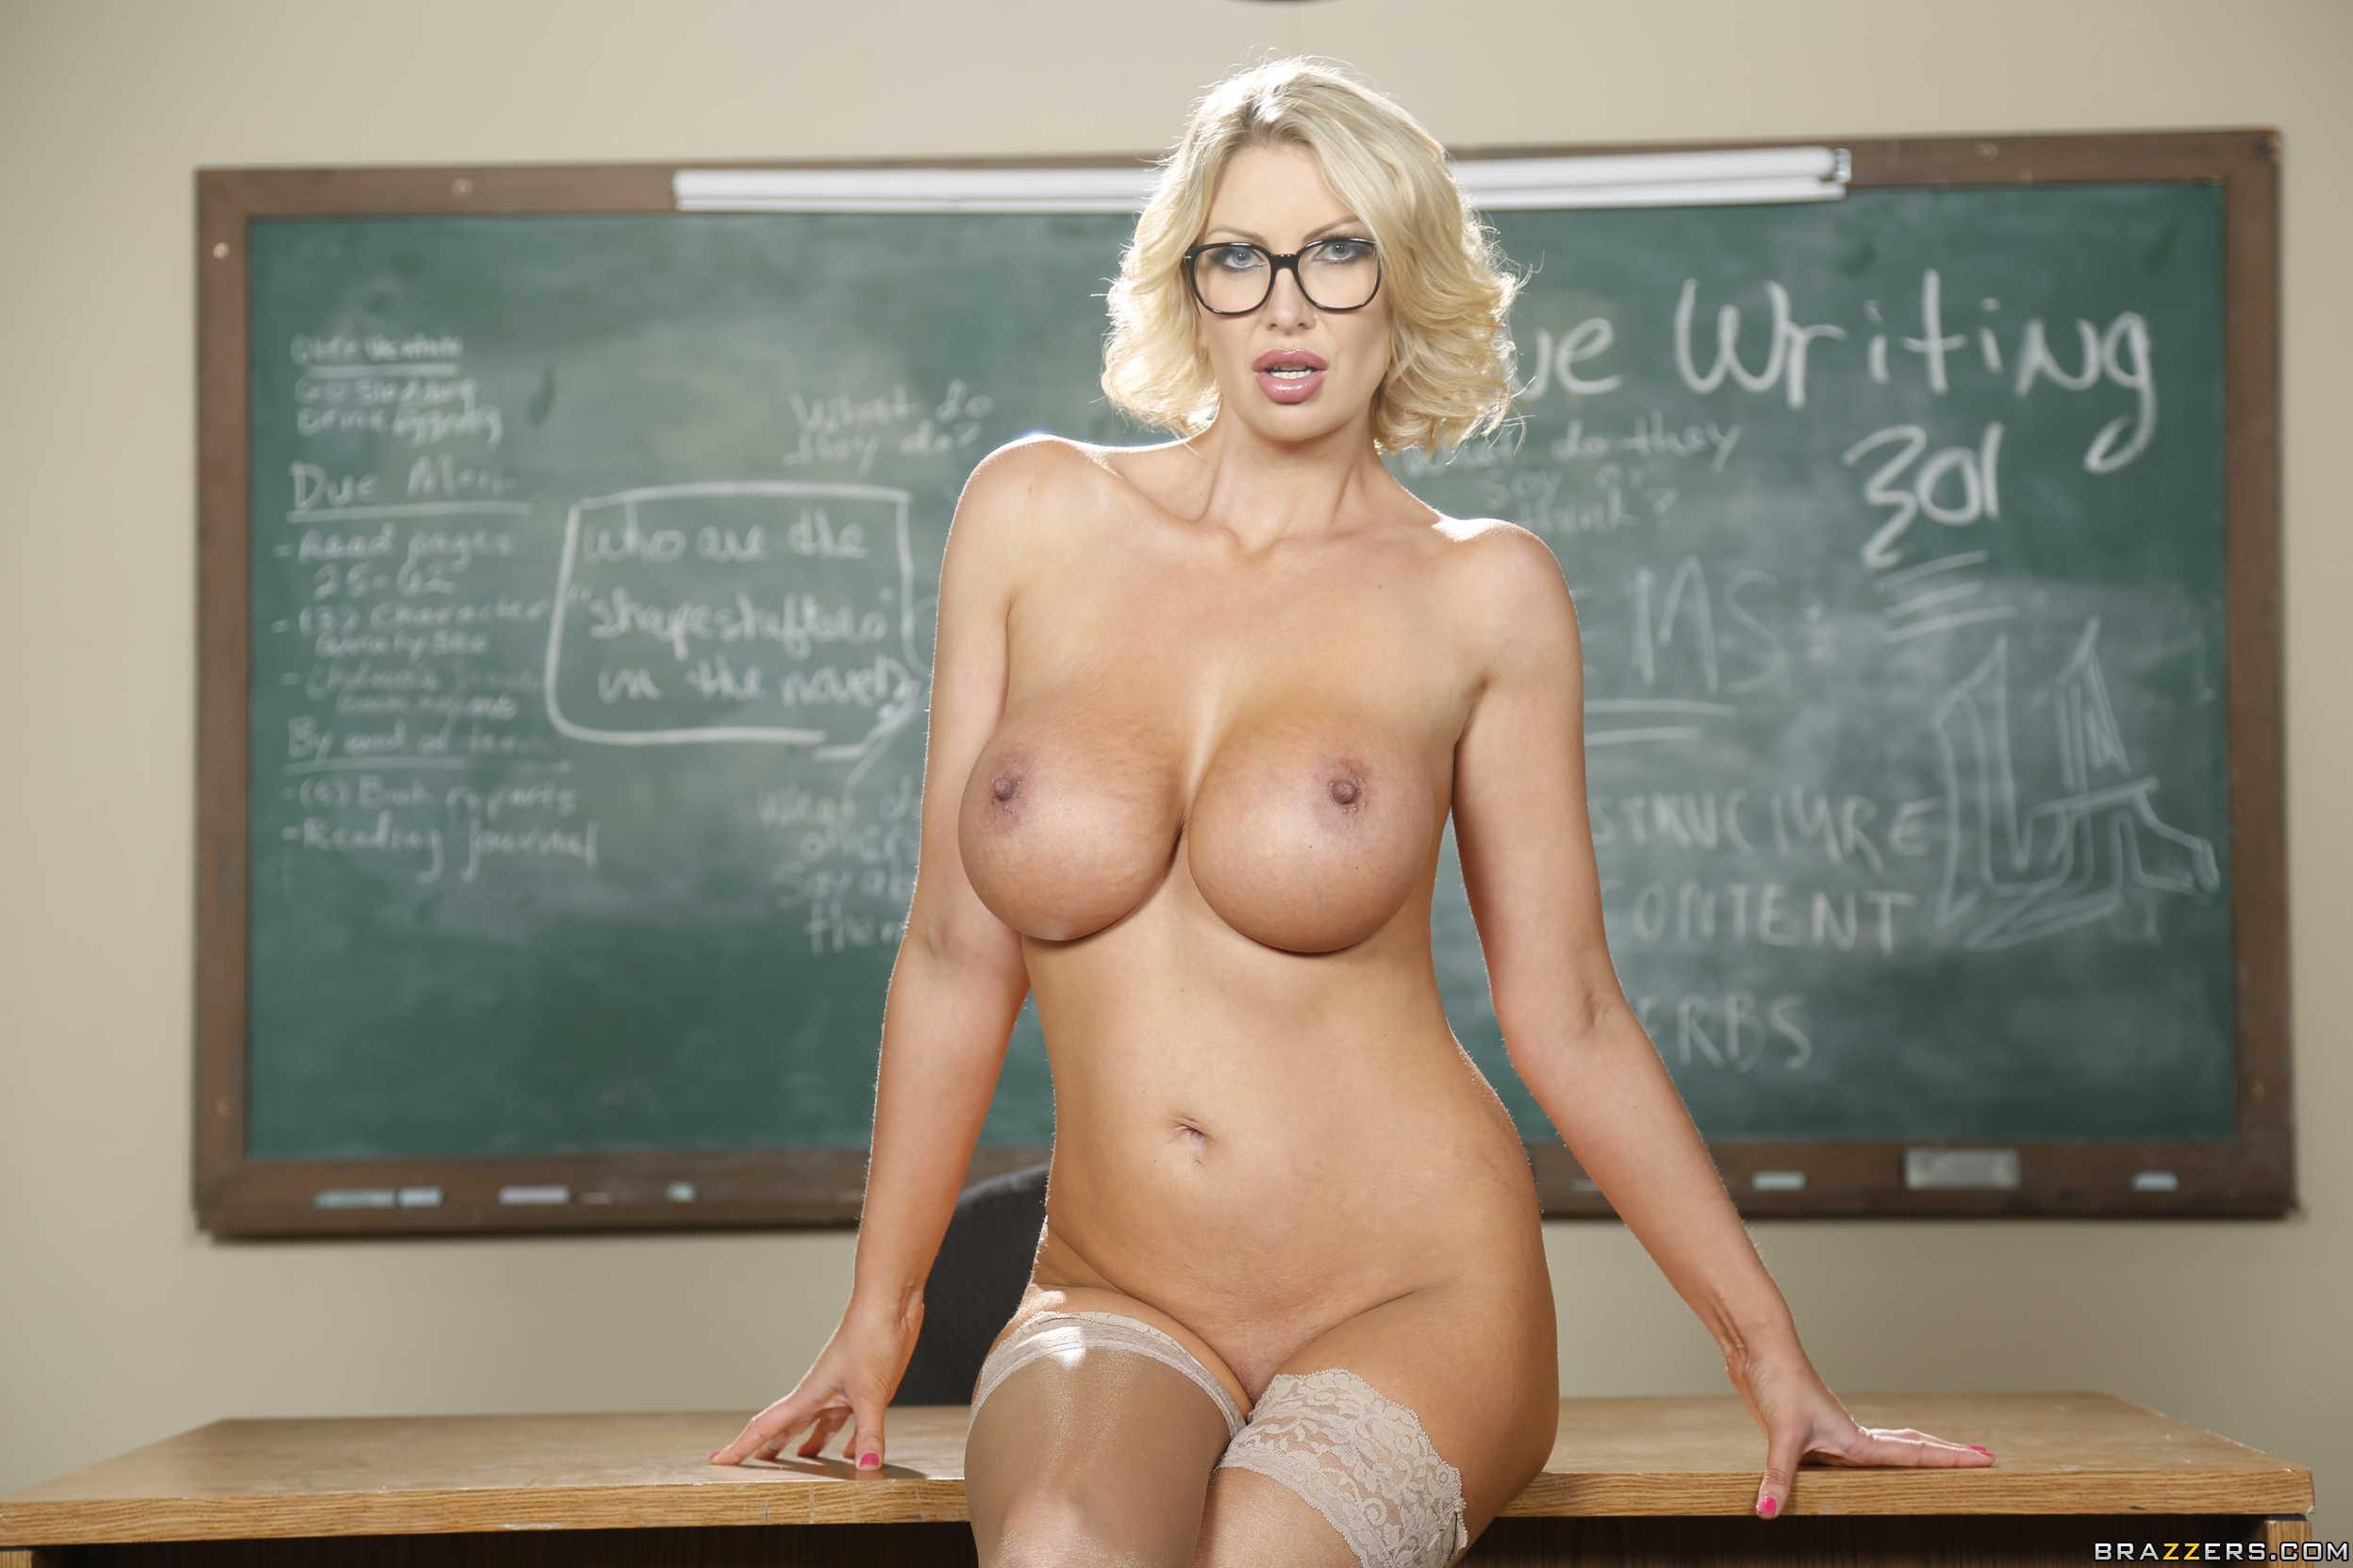 Частные фото голые учителя, Частное фото голой учительницы 22 фотография